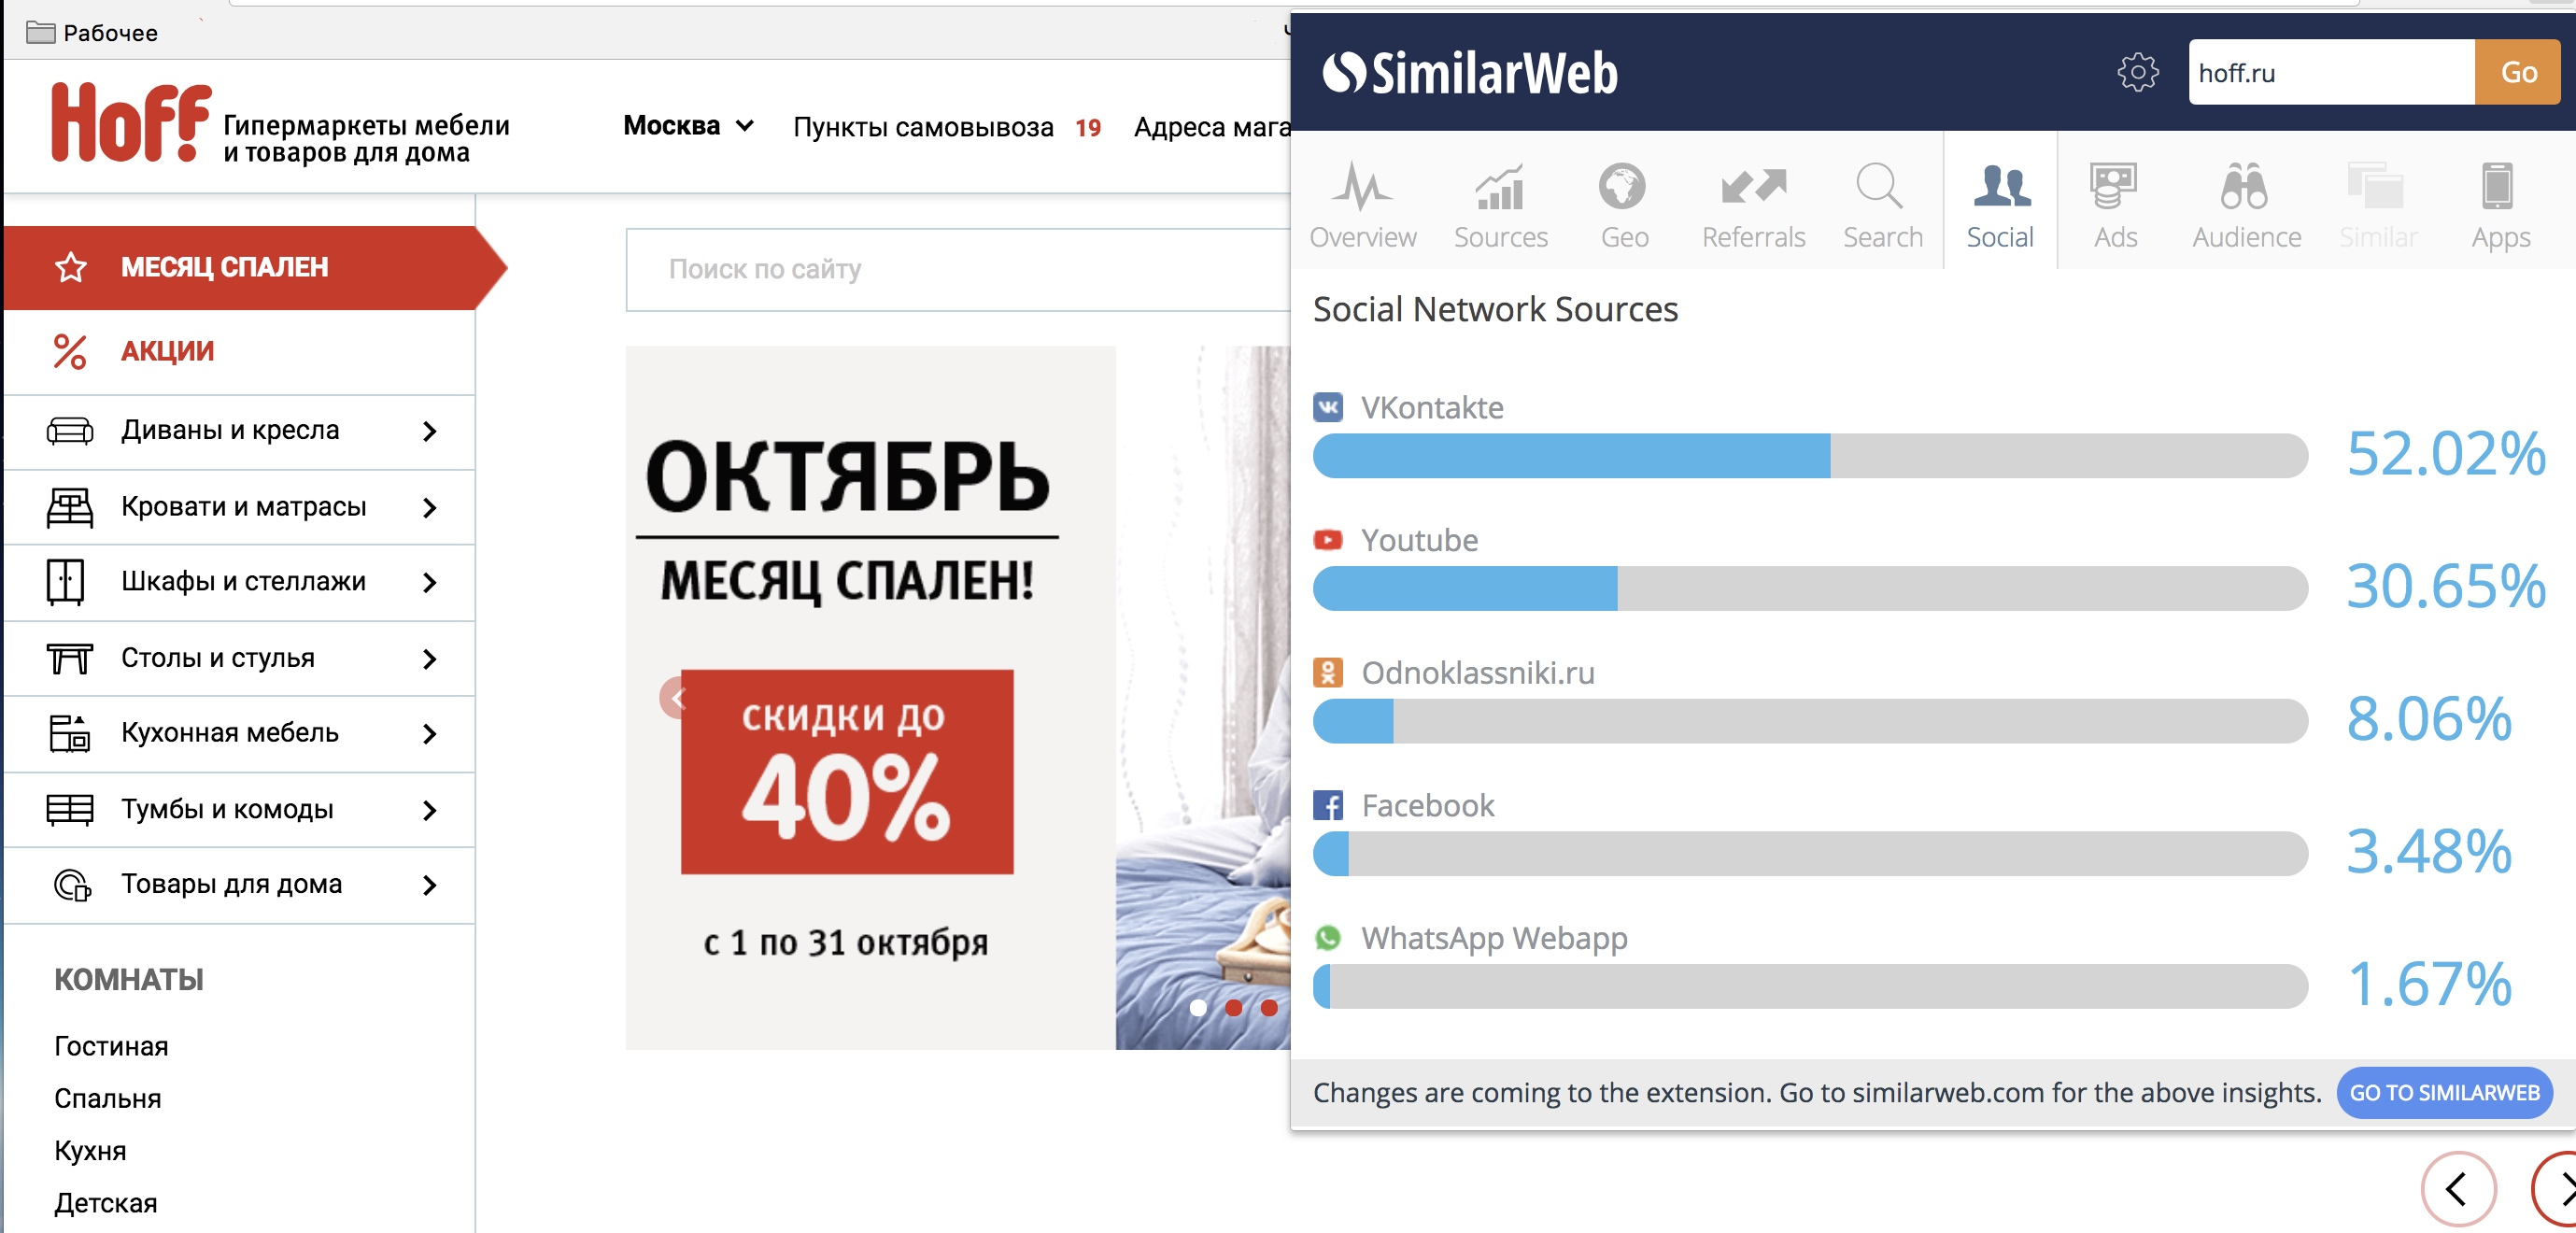 Анализ сайтов конкурентов, а также источников трафика